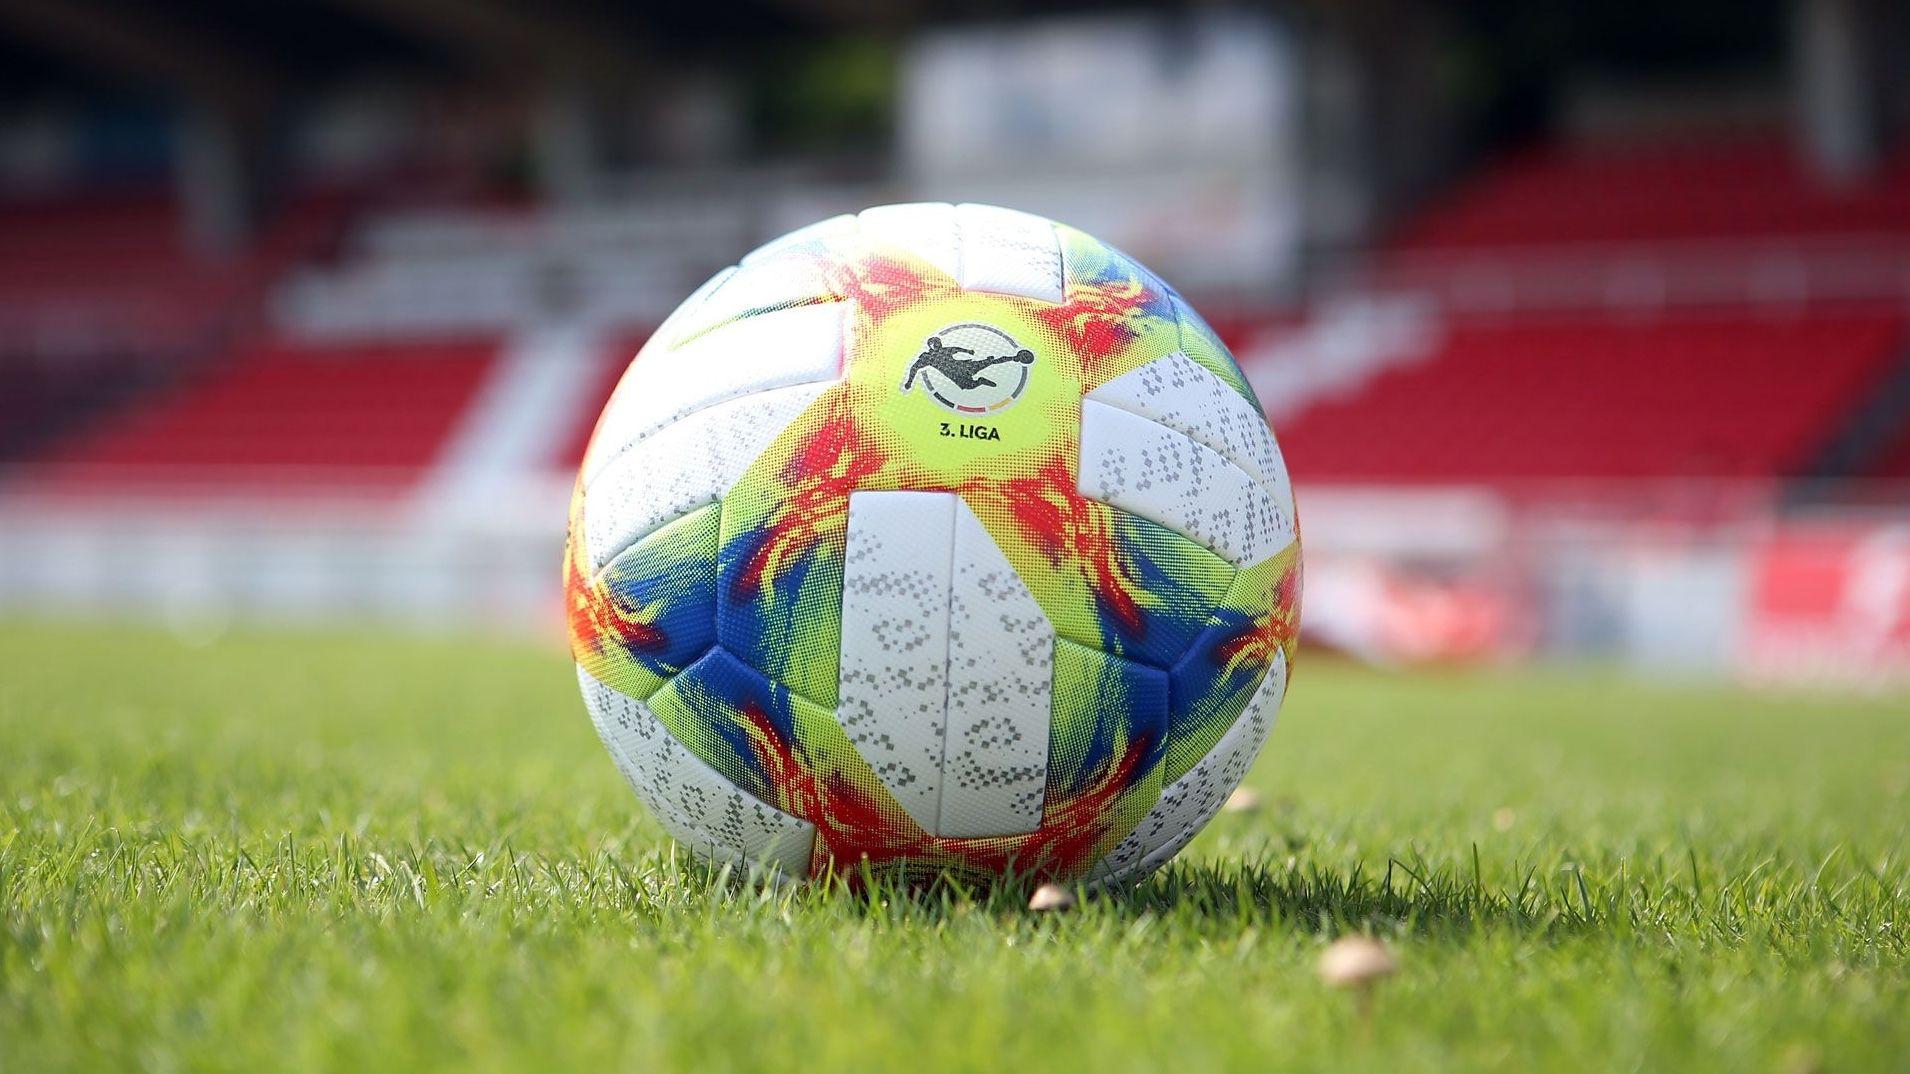 Drittliga-Fußball